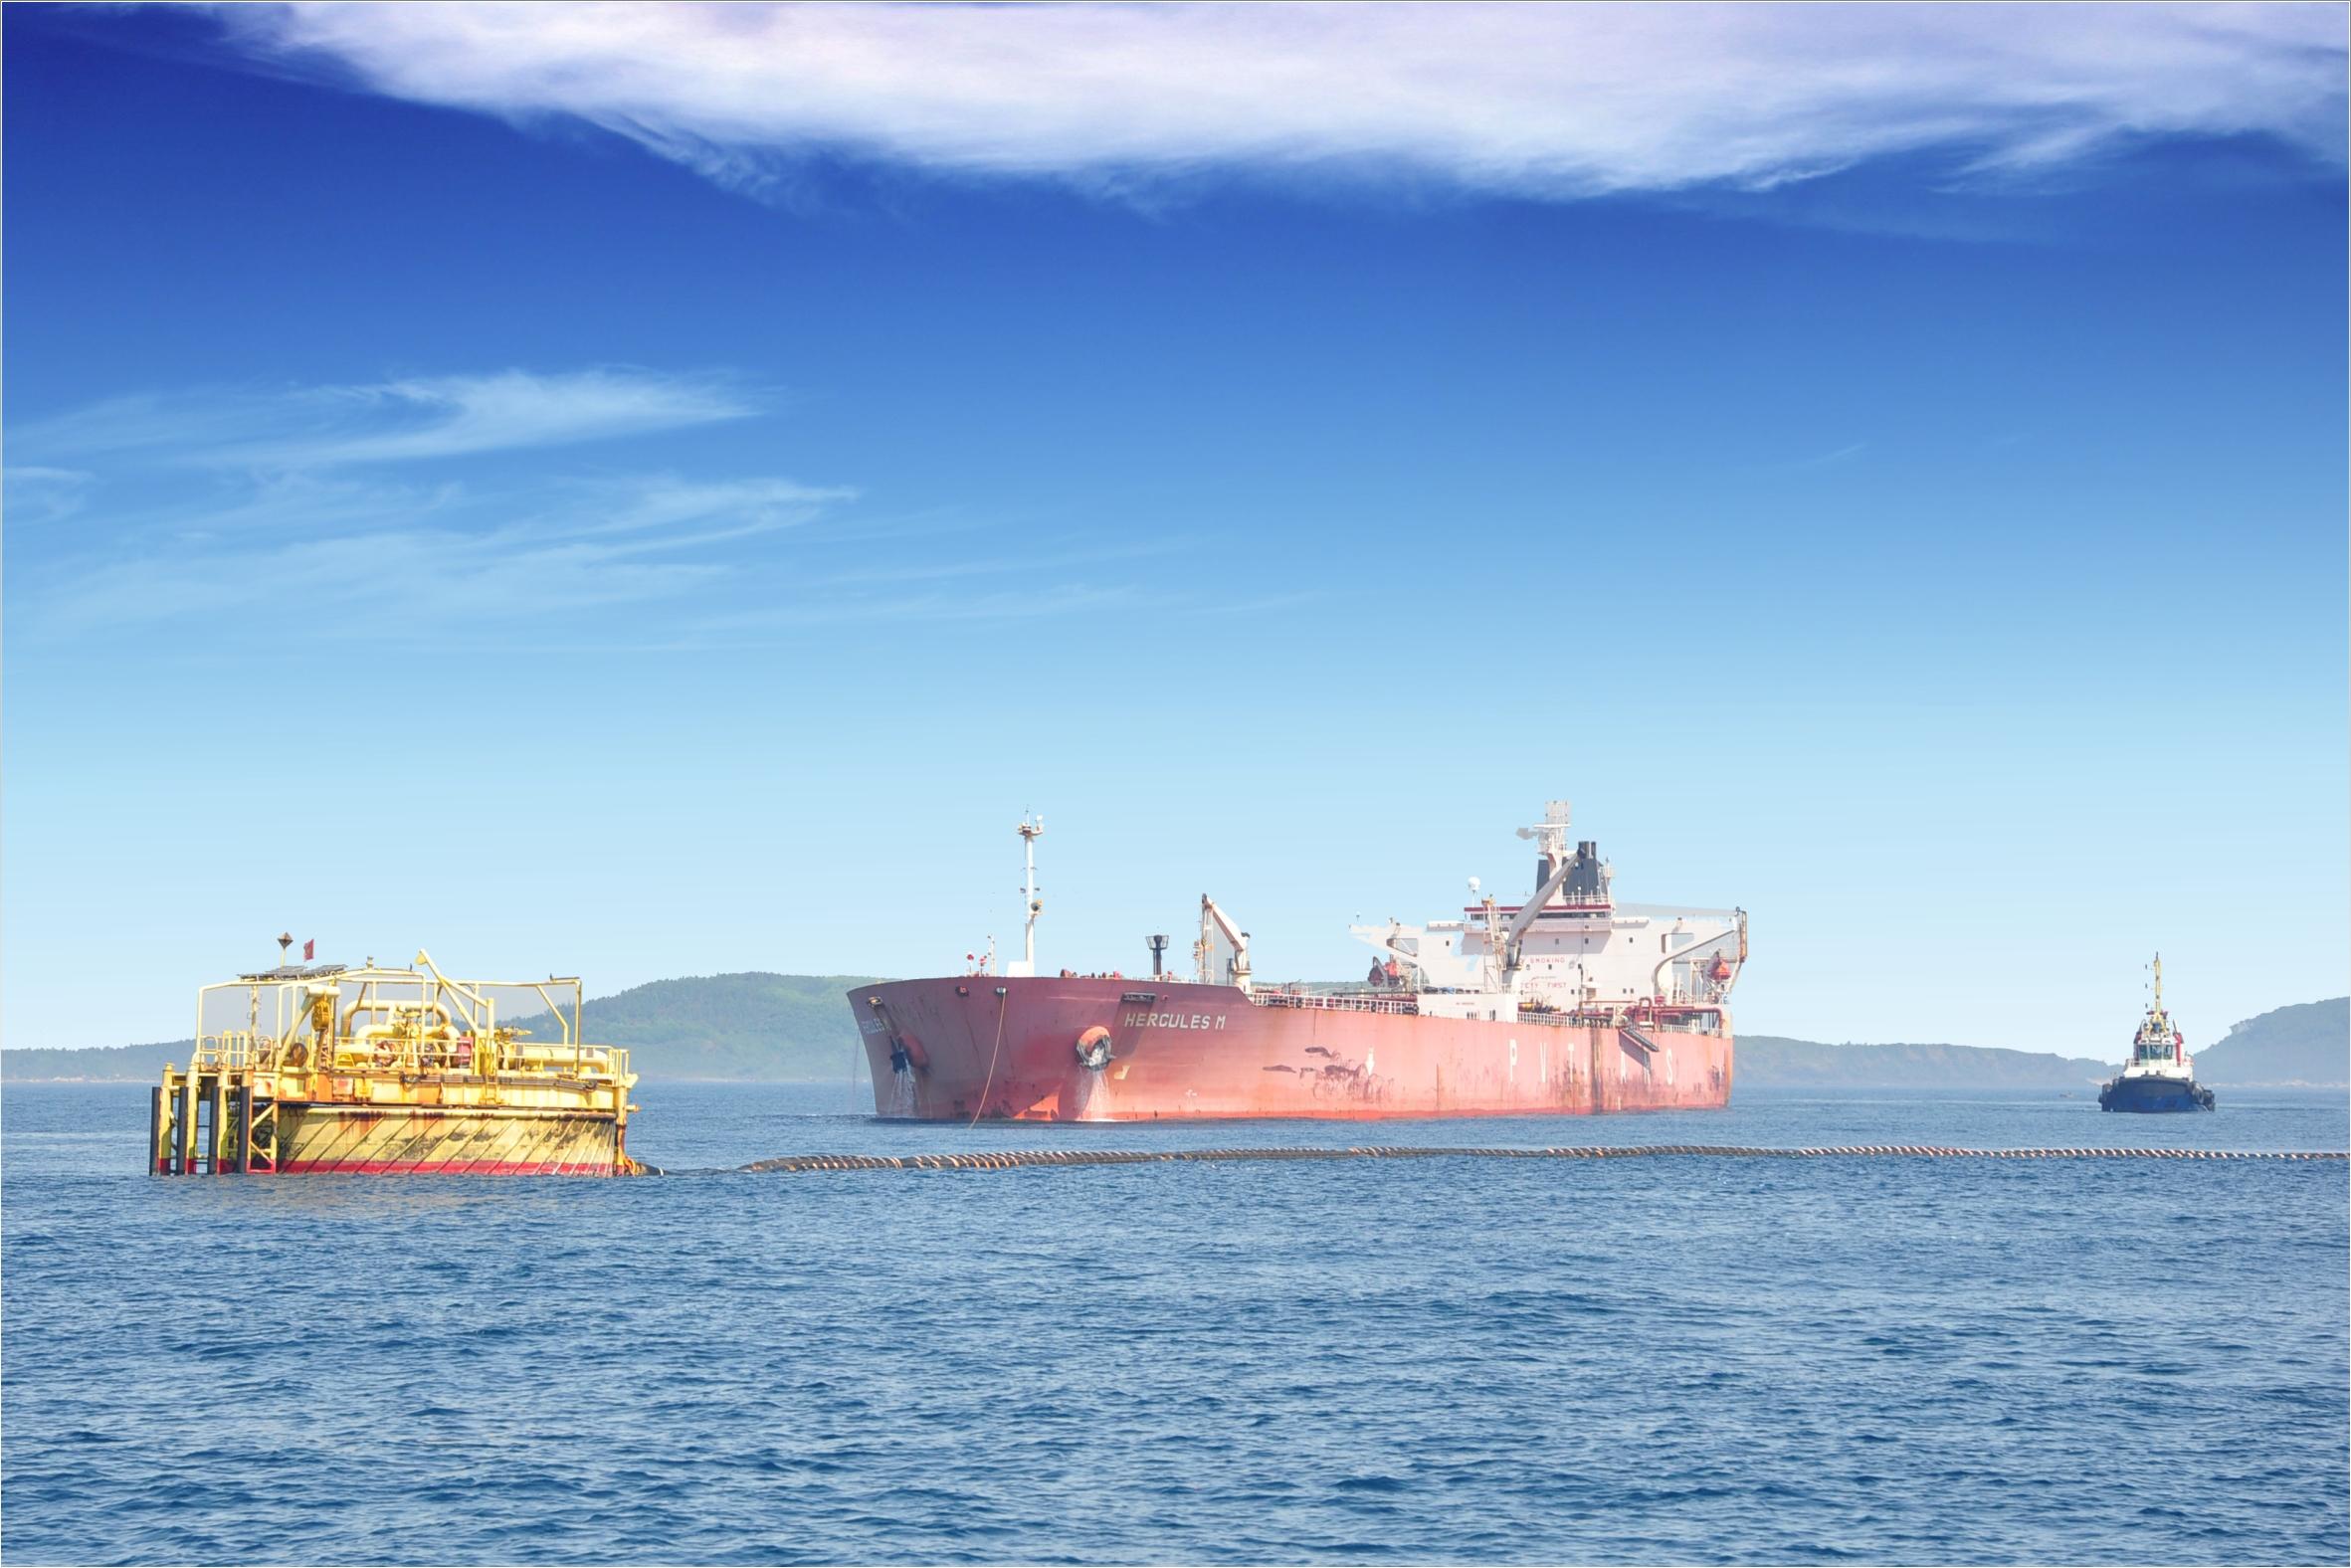 NMLD Dung Quất lần đầu tiên chế biến 53% hỗn hợp dầu thô nhập khẩu-1